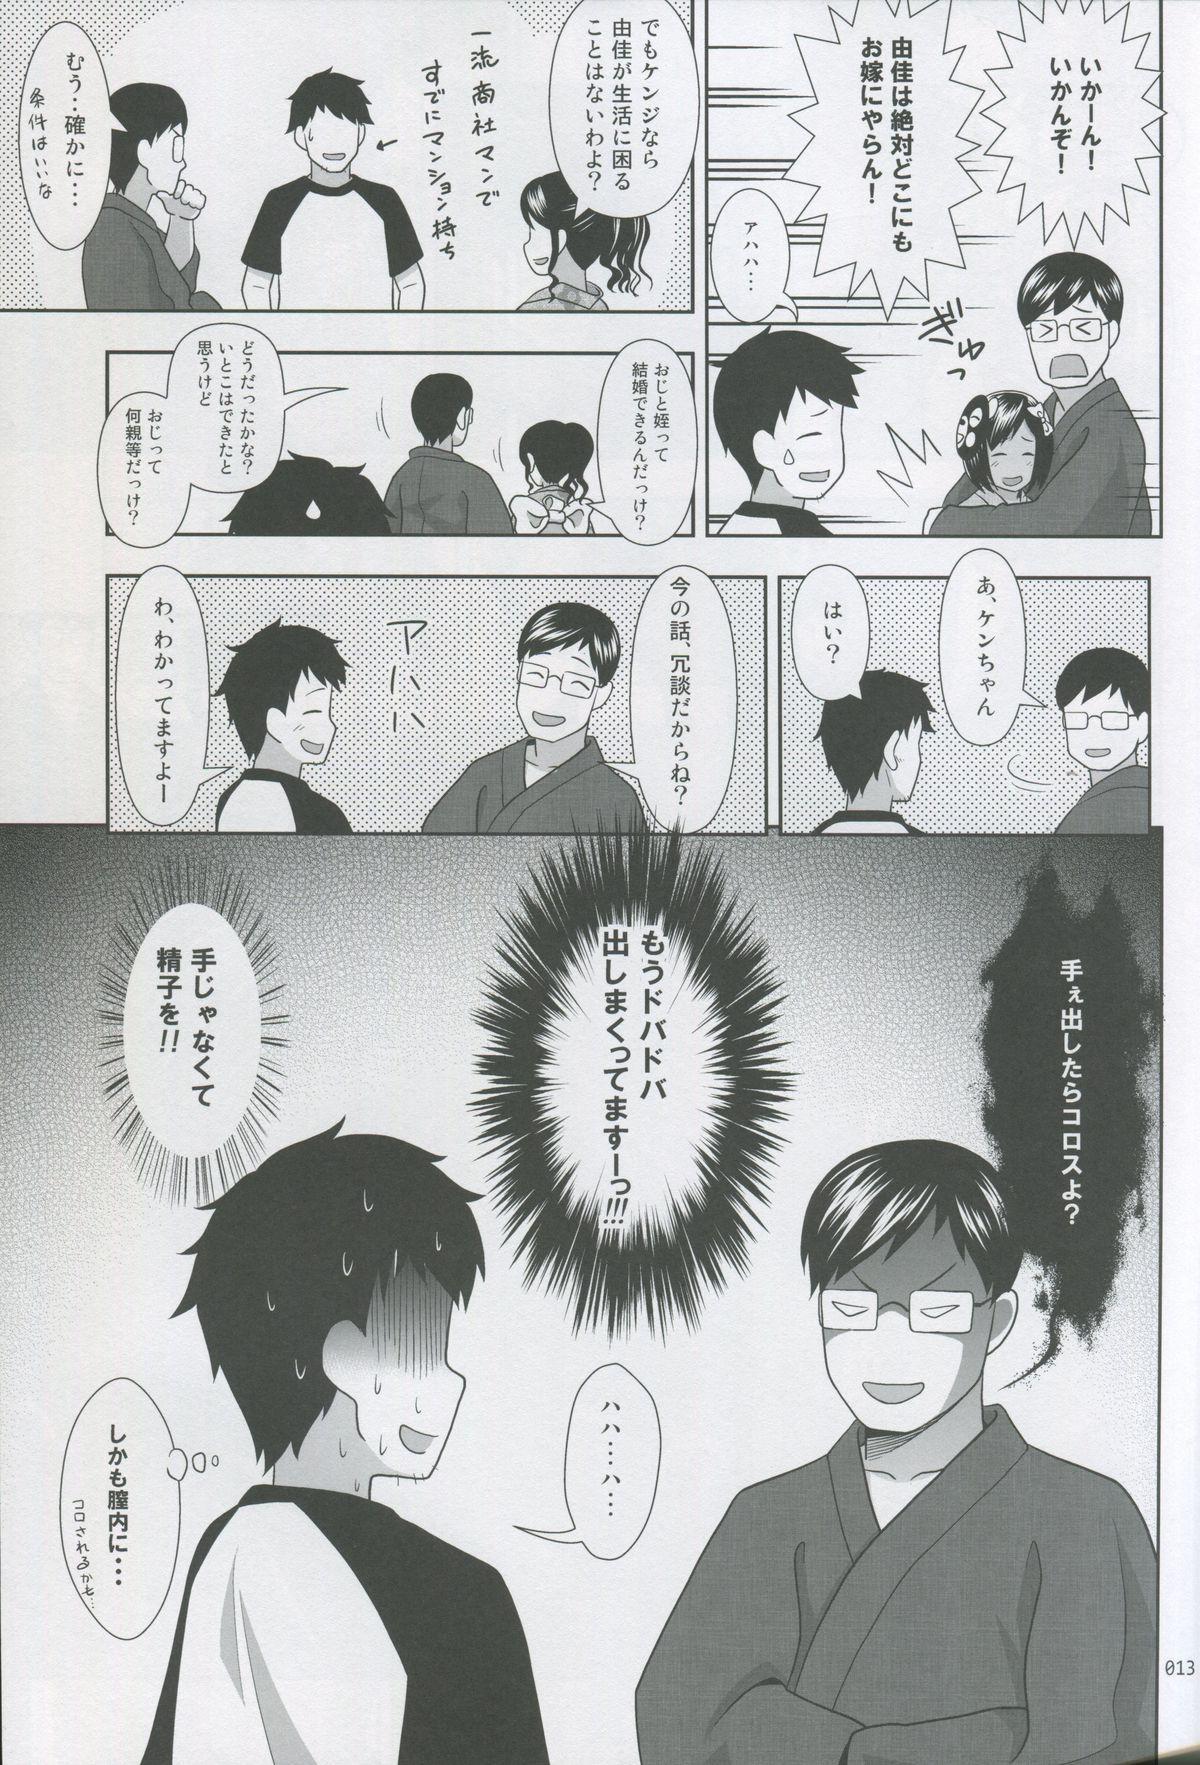 Meikko na Syoujo no Ehon 2 11